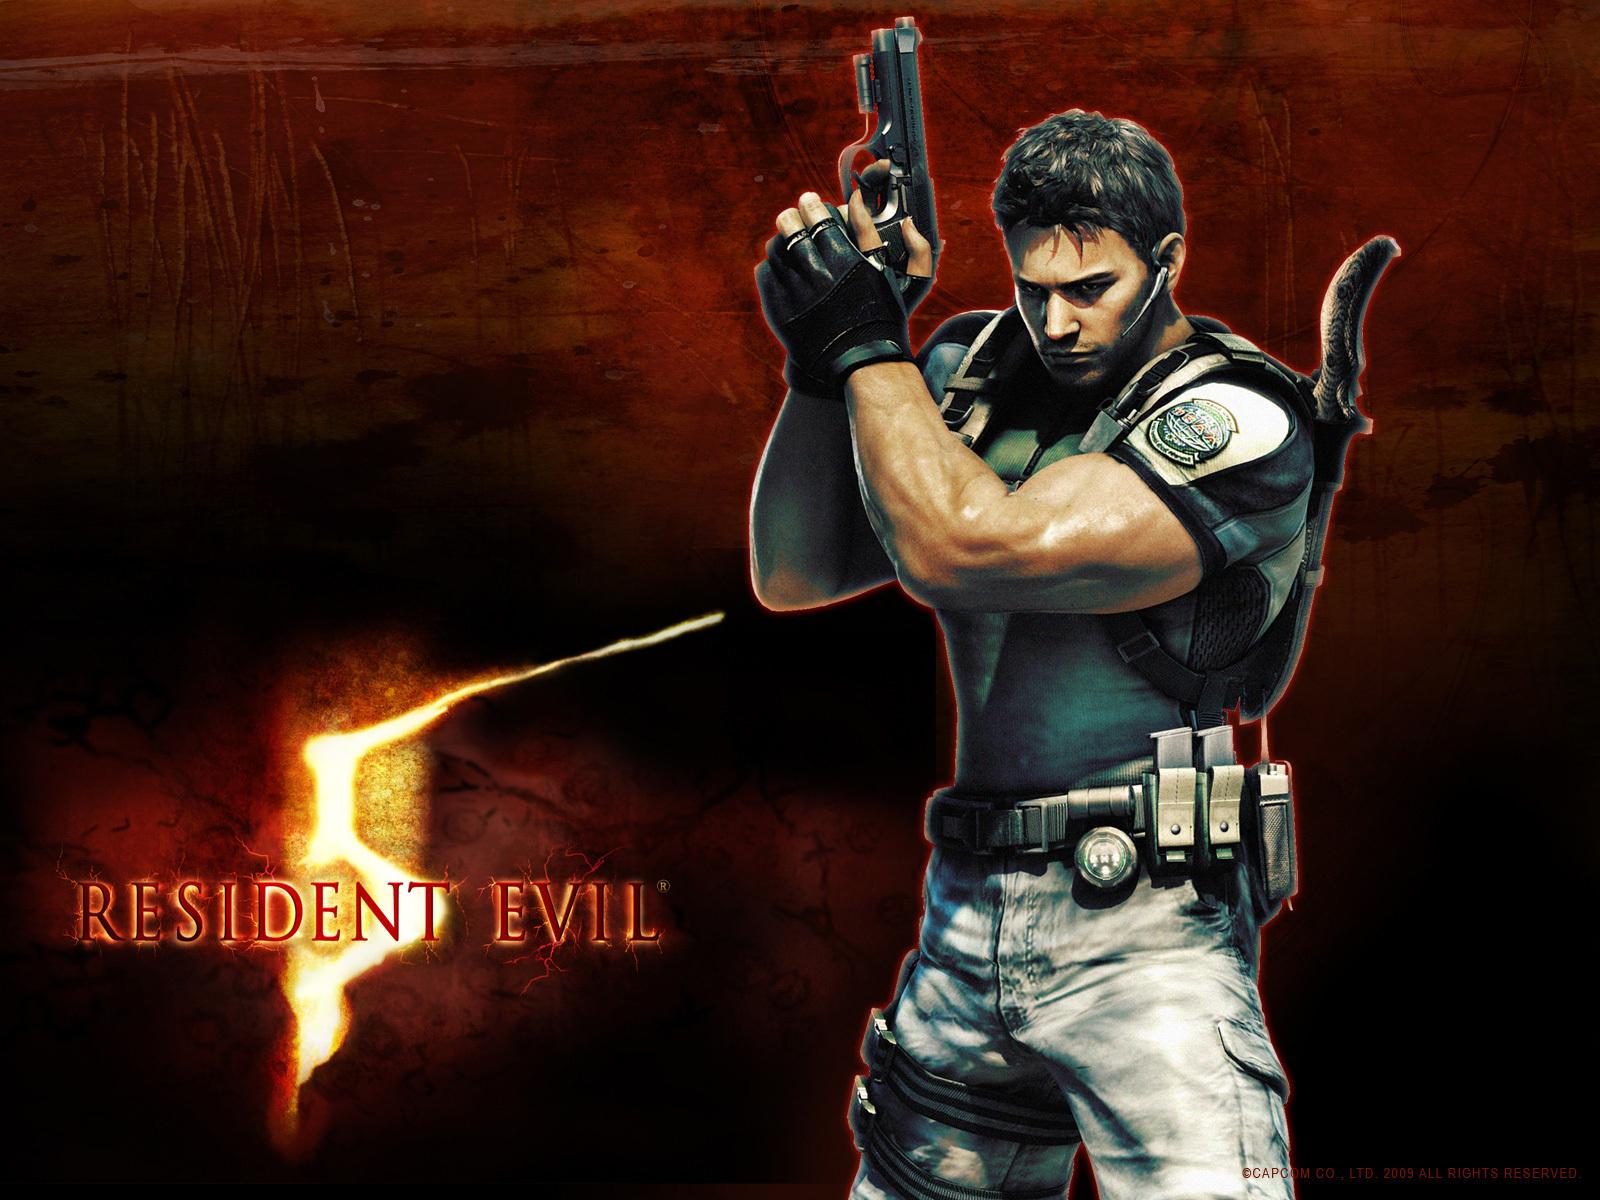 Resident evil 5 images resident evil wallpaper hd - Wallpaper resident evil 5 ...